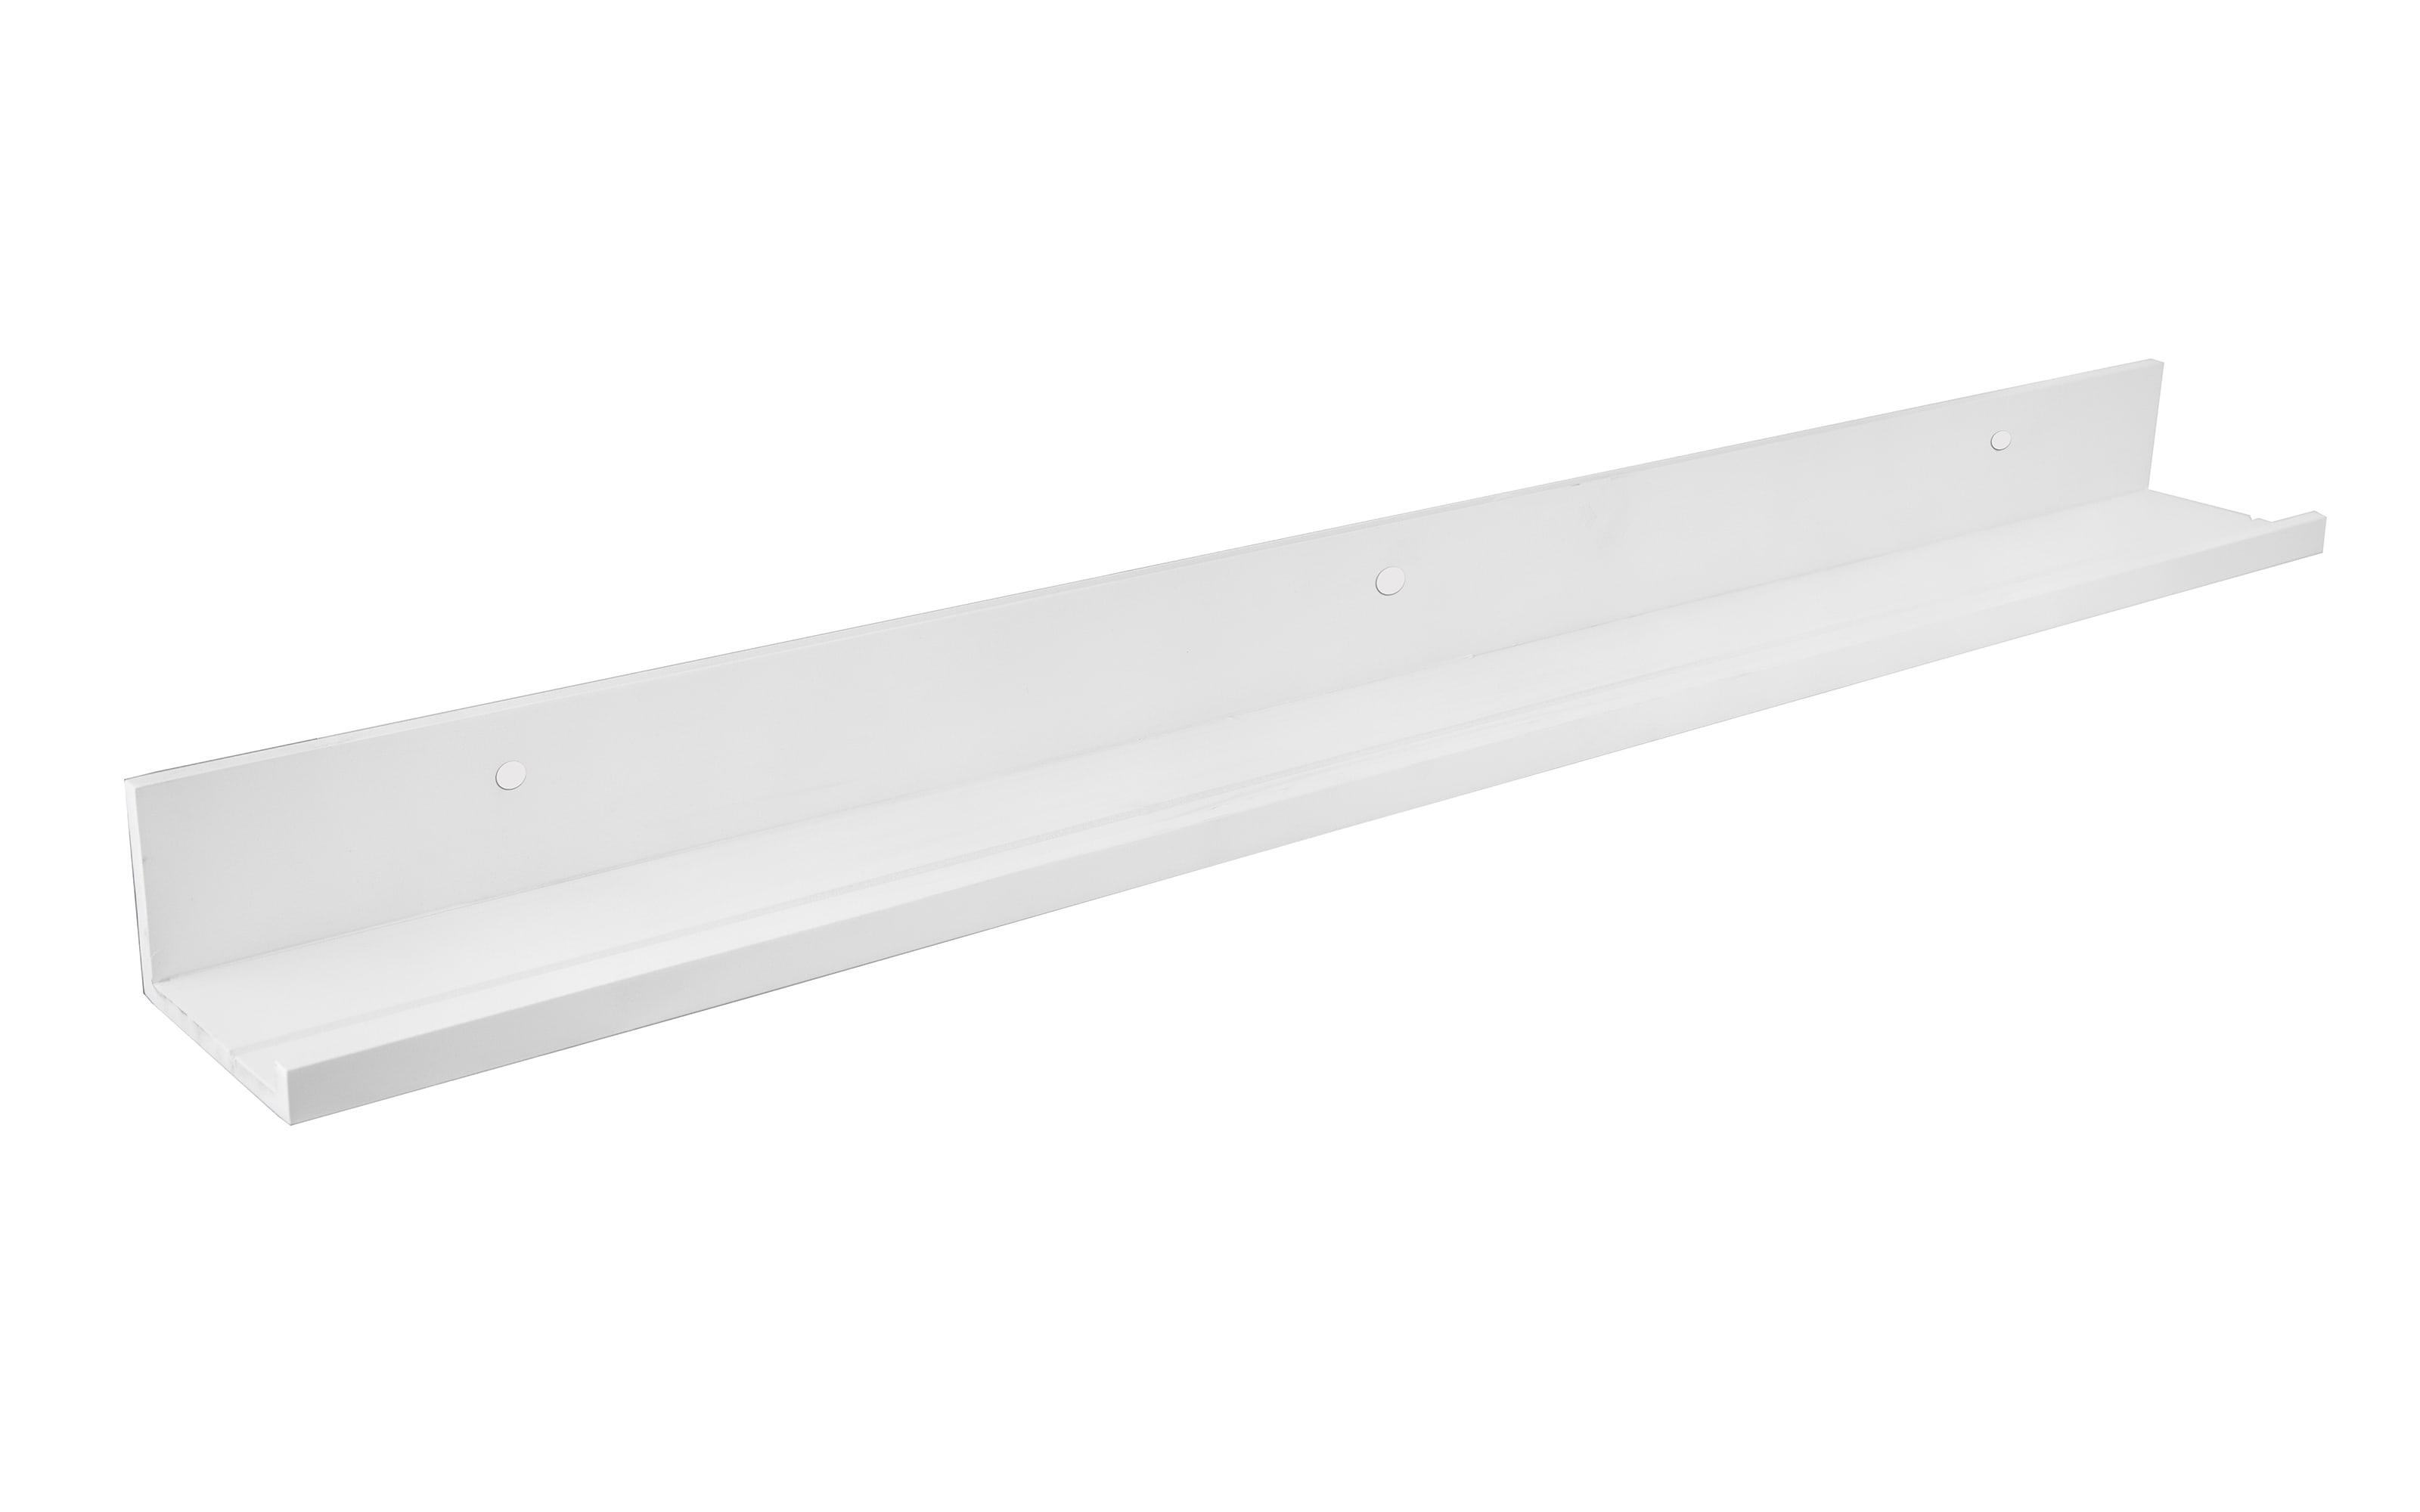 Bilderleiste Enz in weiß, 110 x 12 cm